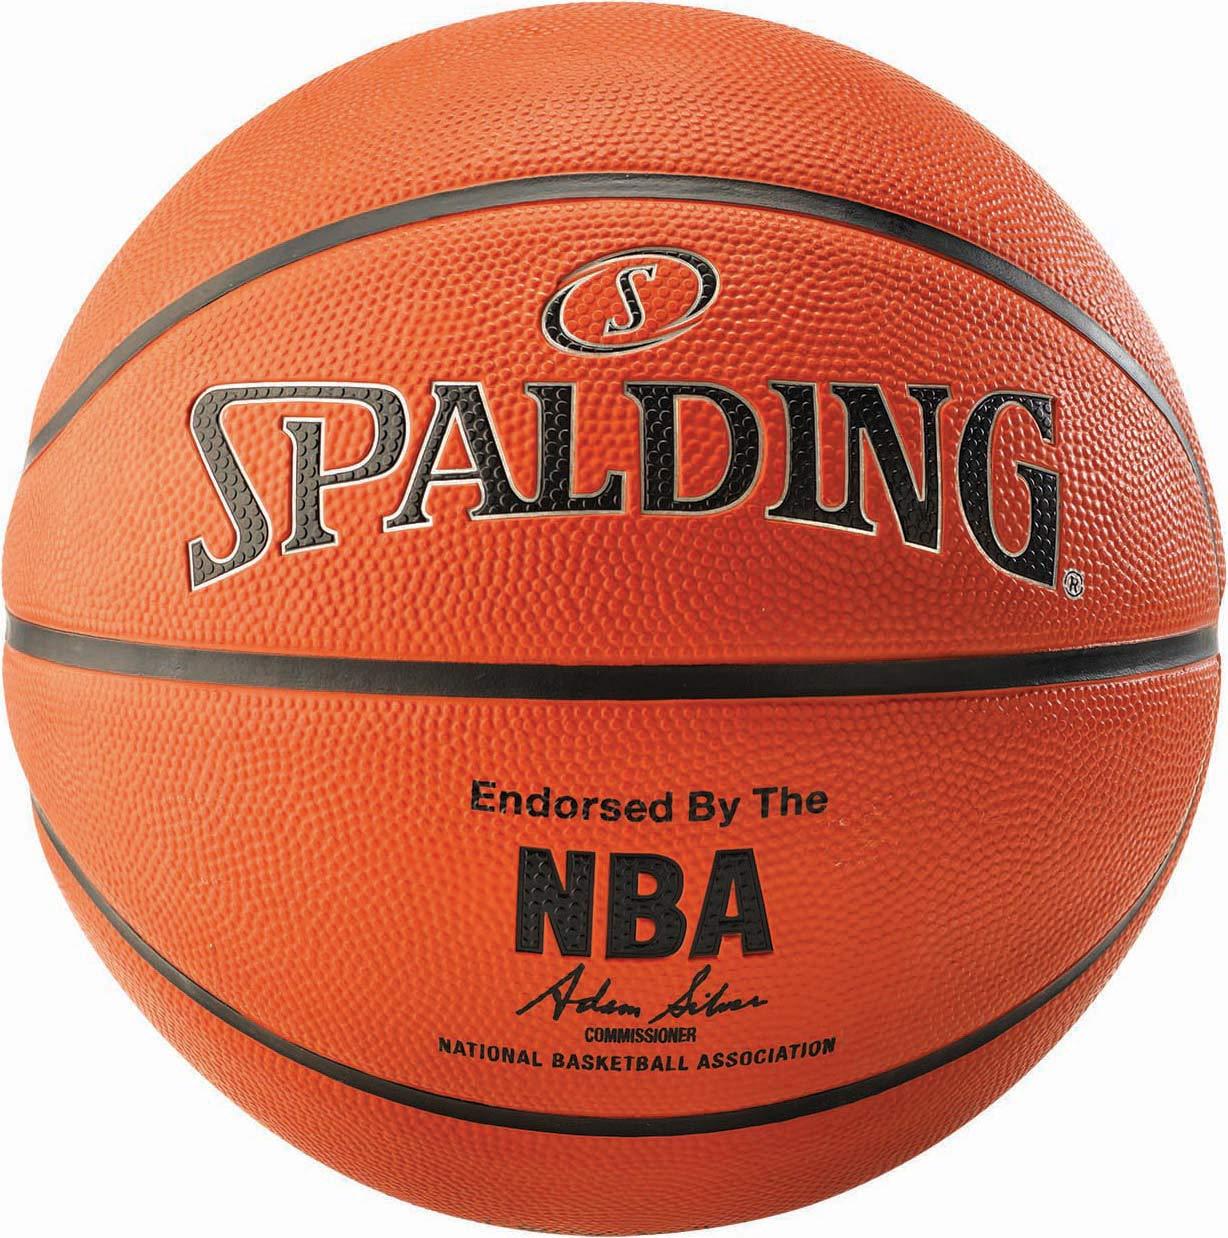 Ballon Spalding NBA Silver Outdoor: Amazon.es: Deportes y aire libre